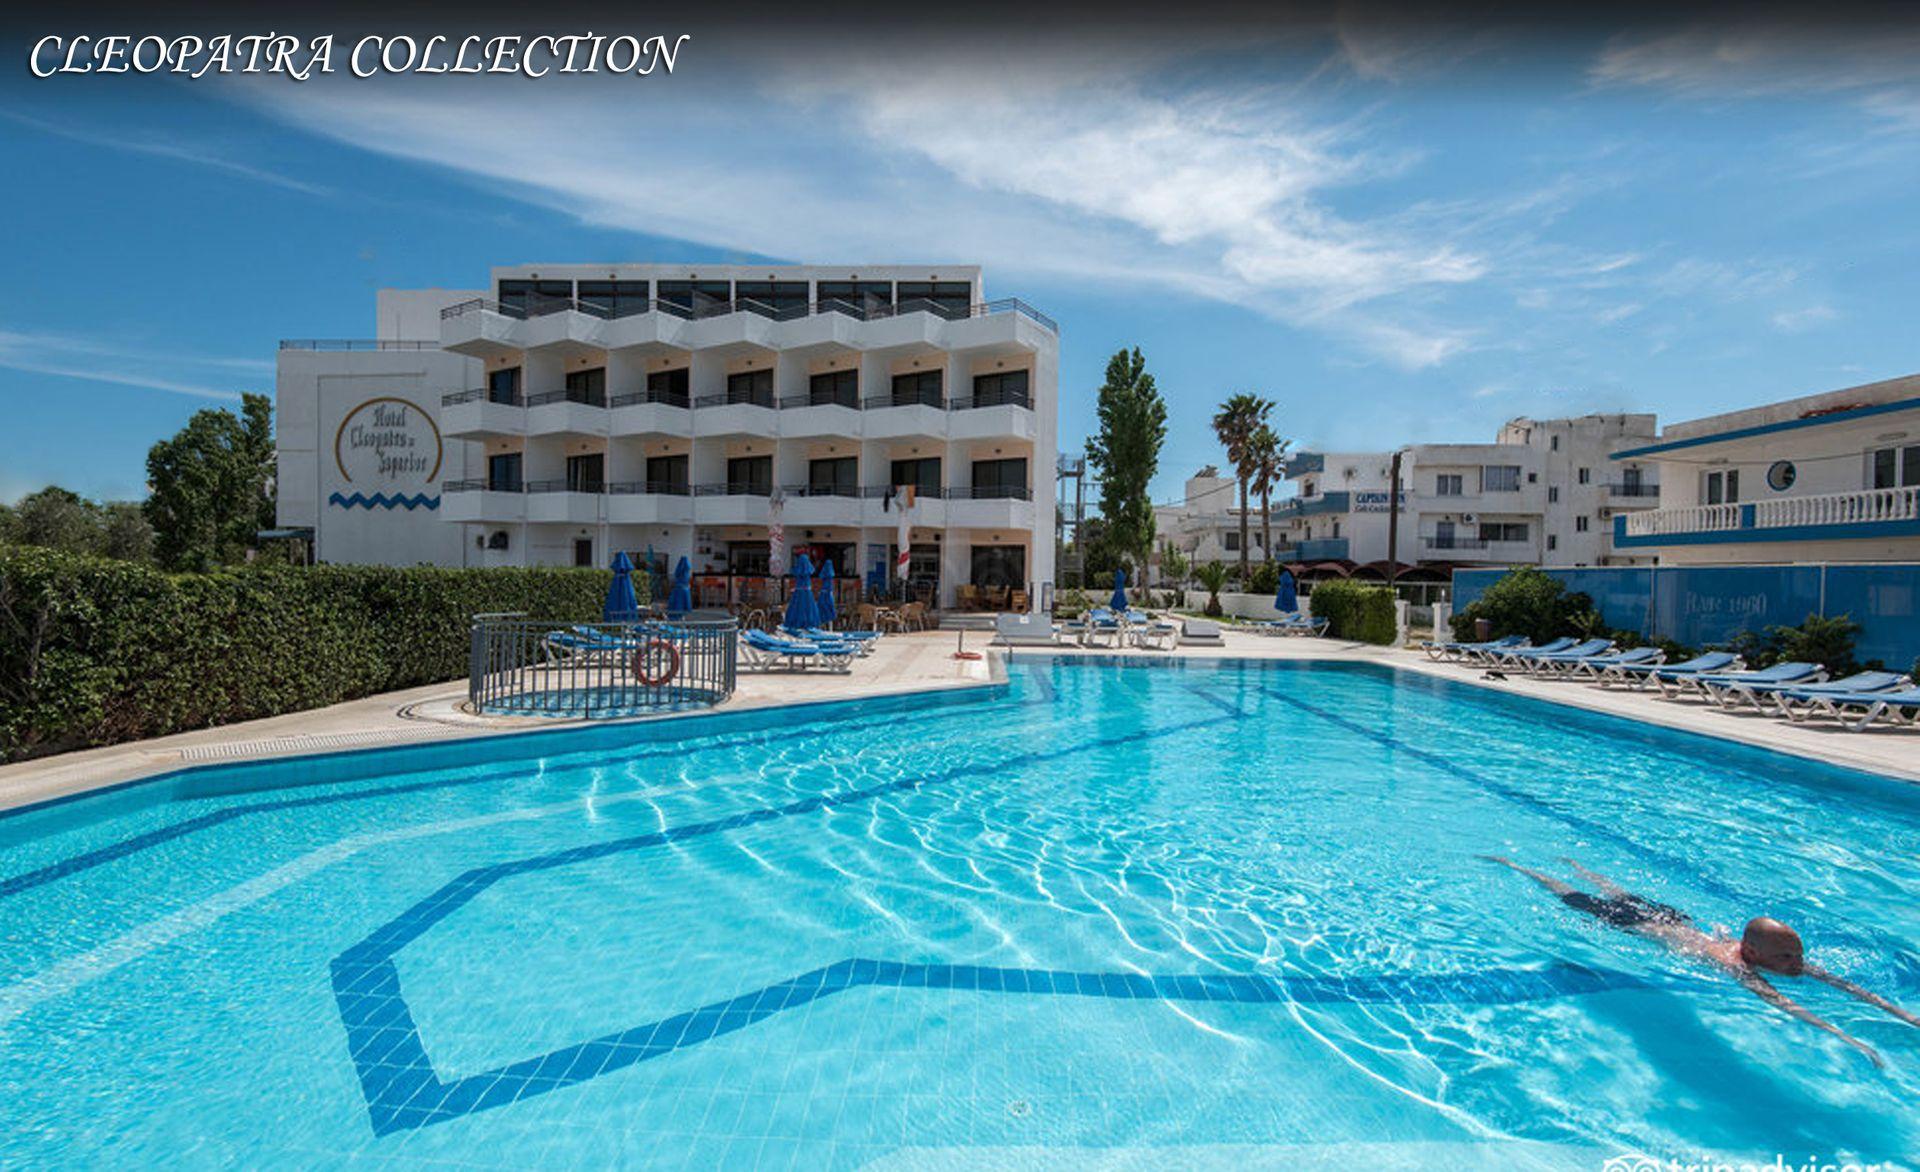 Cleopatra Superior Hotel - Καρδάμαινα, Κως ✦ 2 Ημέρες (1 Διανυκτέρευση) ✦ 2 άτομα ✦ Πρωινό ✦ 28/08/2020 έως 24/09/2020 ✦ Κοντά στην παραλία!